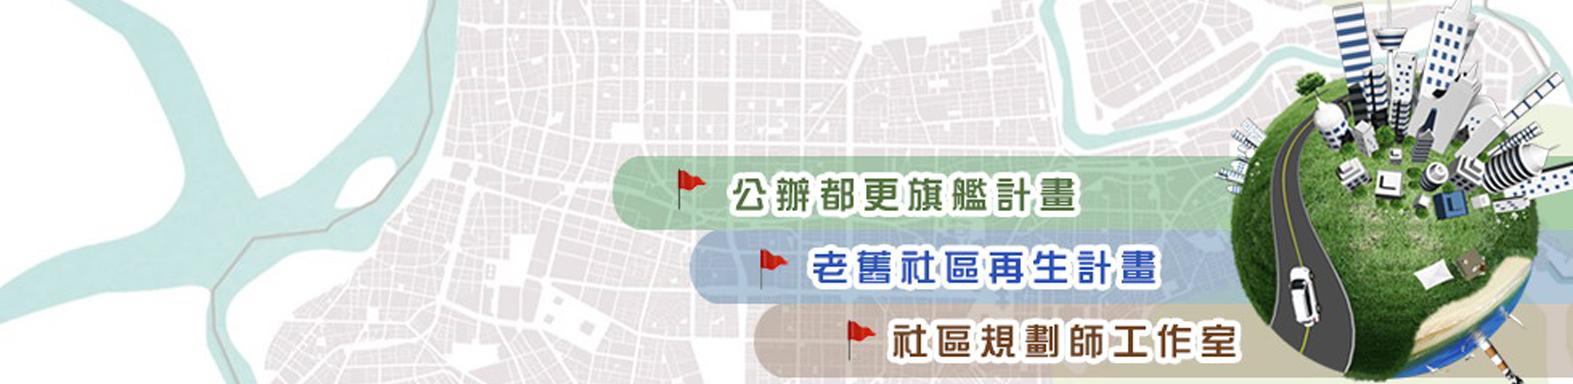 臺北市都市更新處